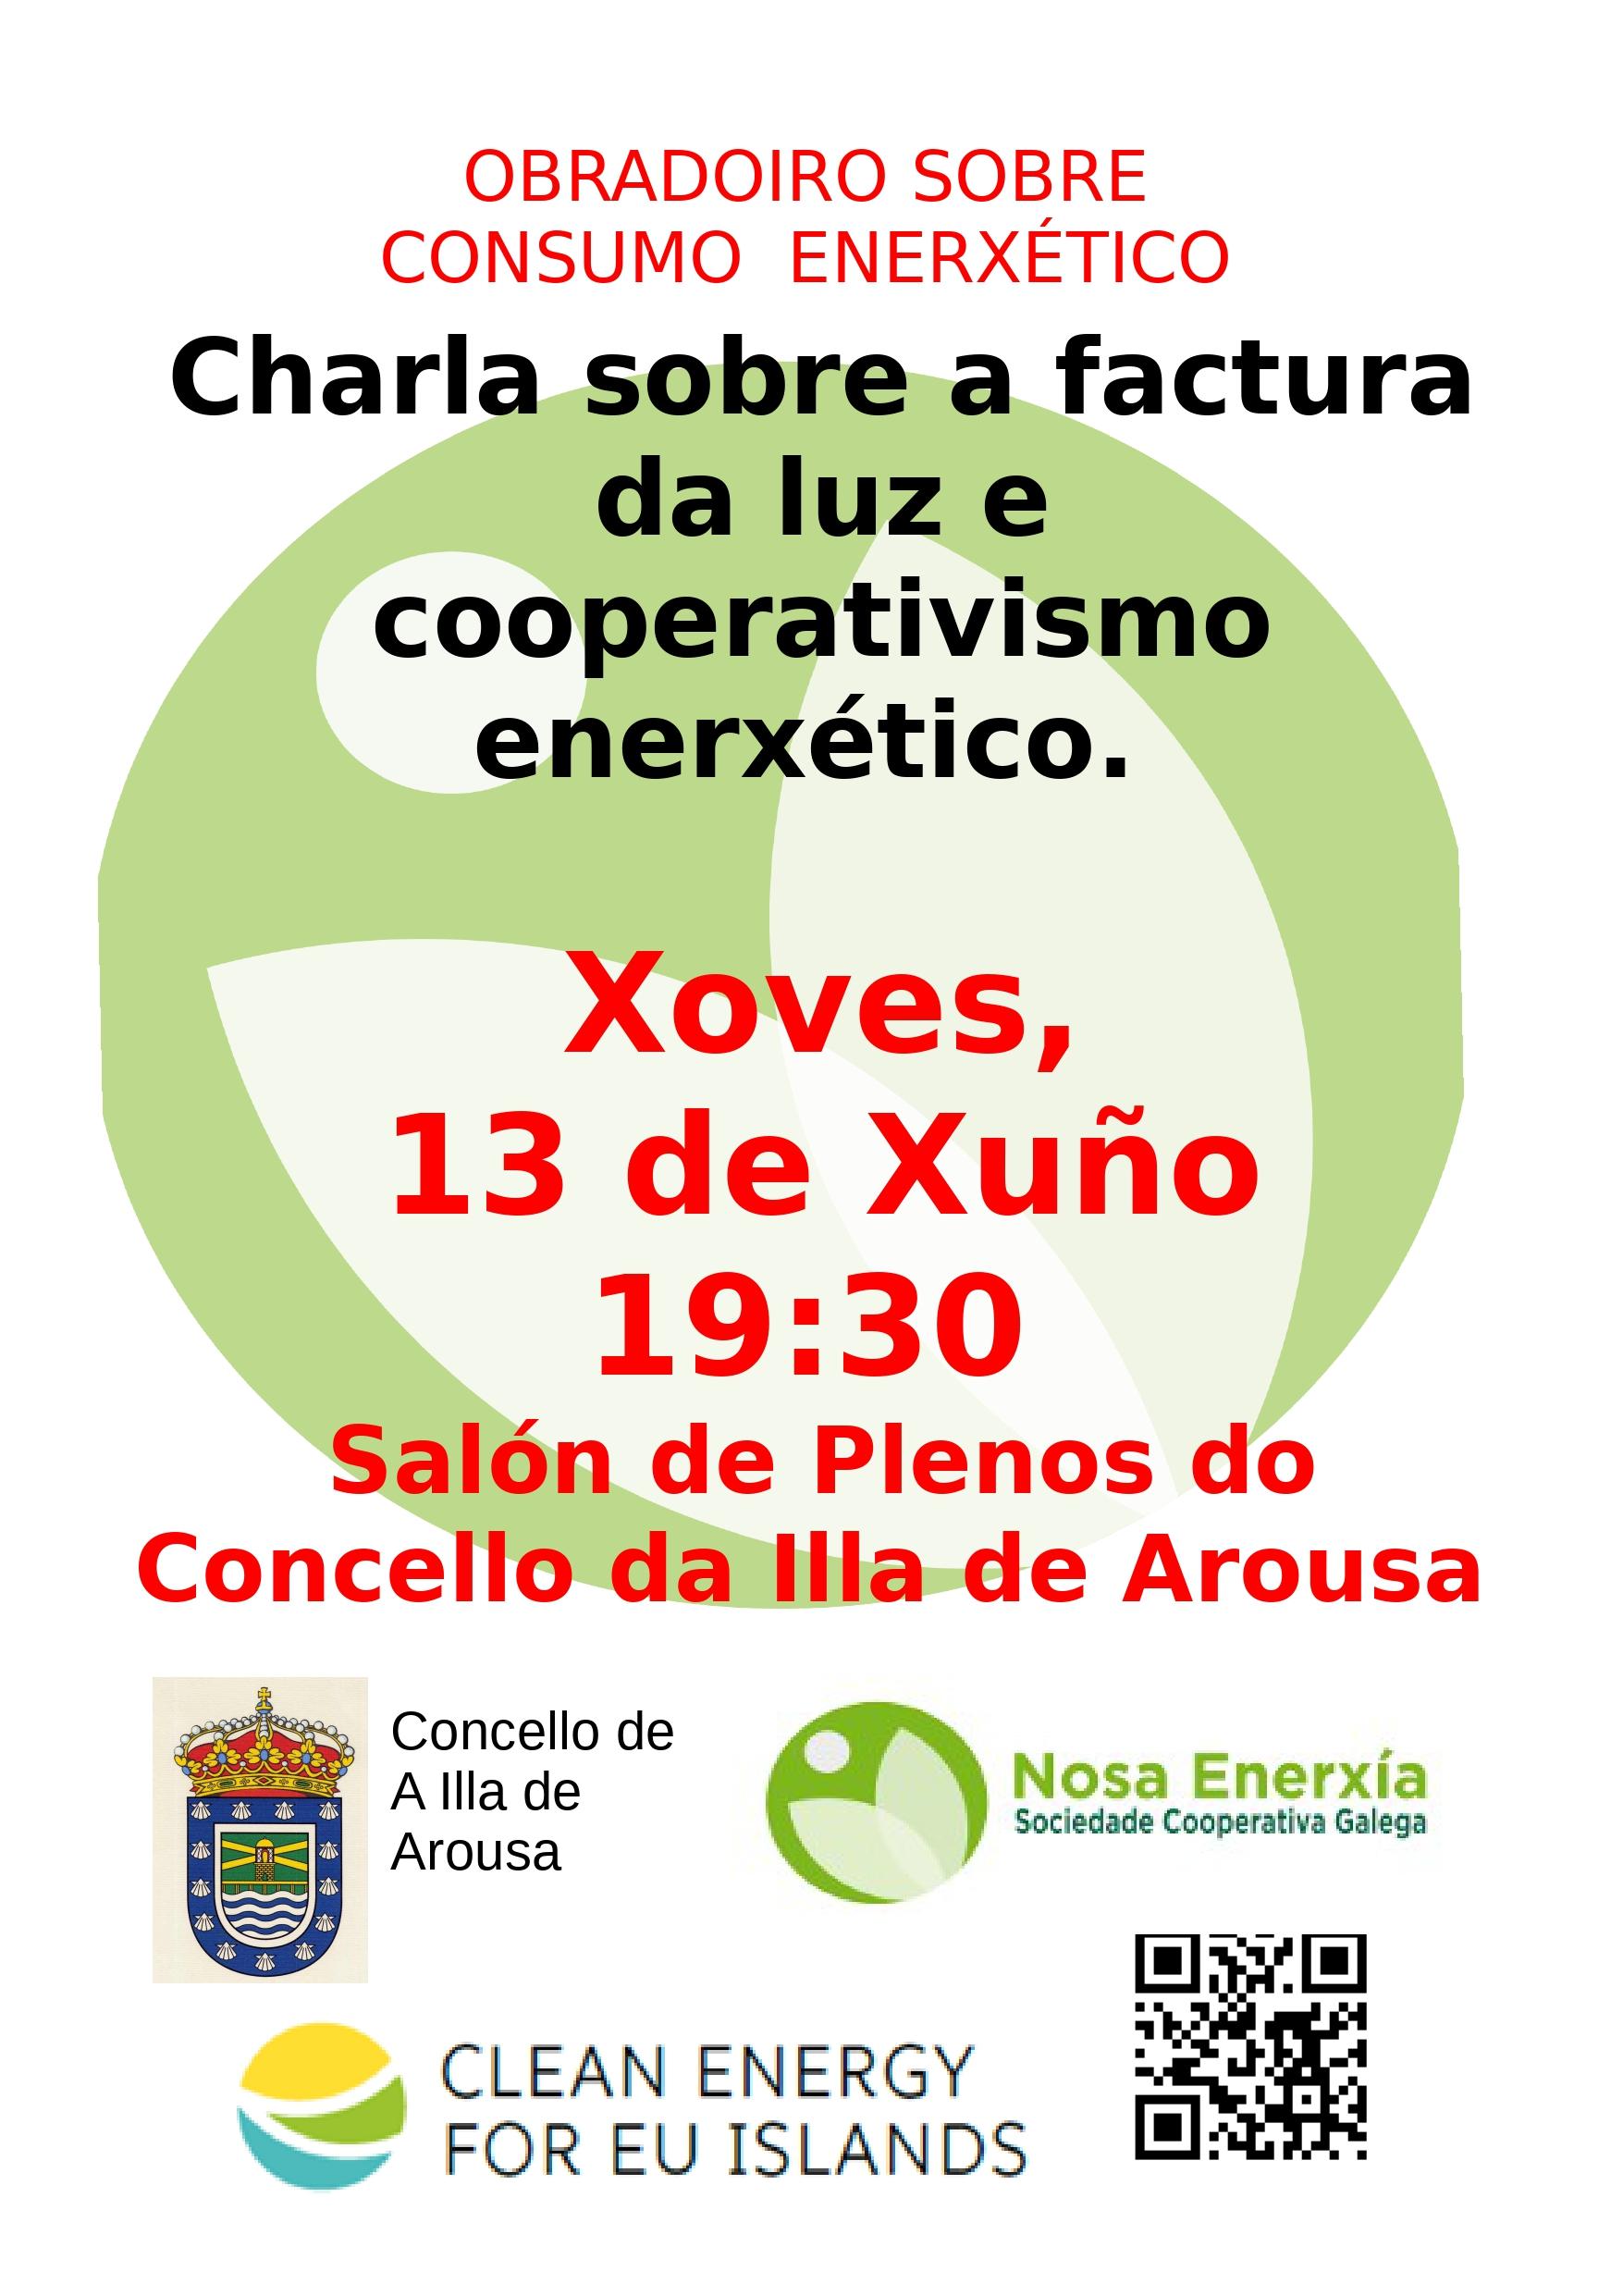 CHARLA SOBRE A FACTURA DA LUZ E COOPERATIVISMO ENERXÉTICO